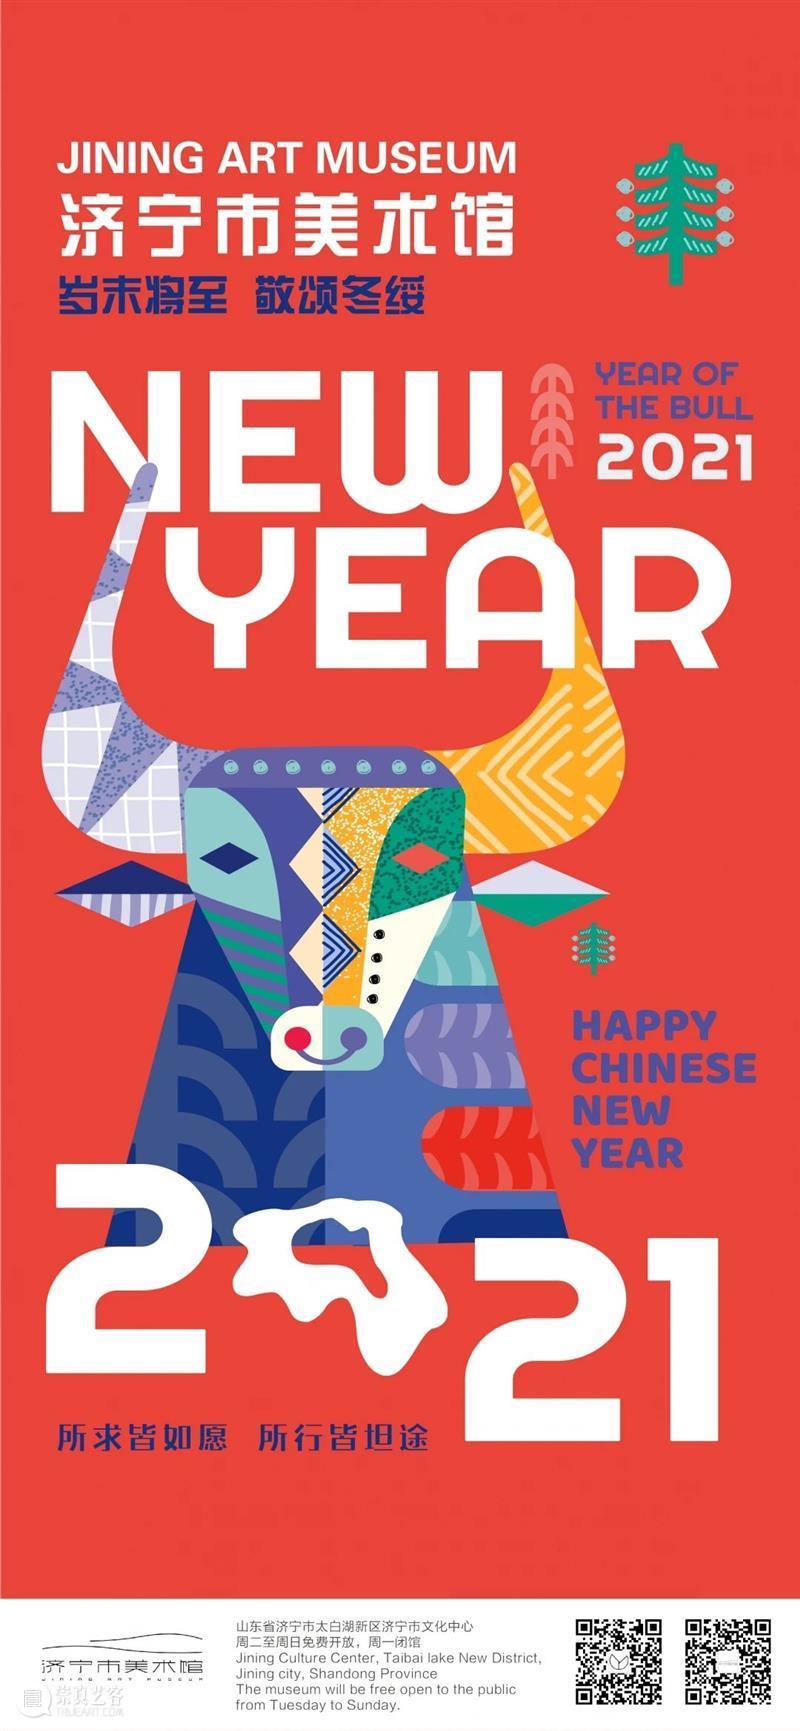 济宁市美术馆 | 您有一份新年祝福,请注意查收! 新年 济宁市美术馆 观众 旧岁 往昔 使命 眼前路 万物 时节 全体 崇真艺客